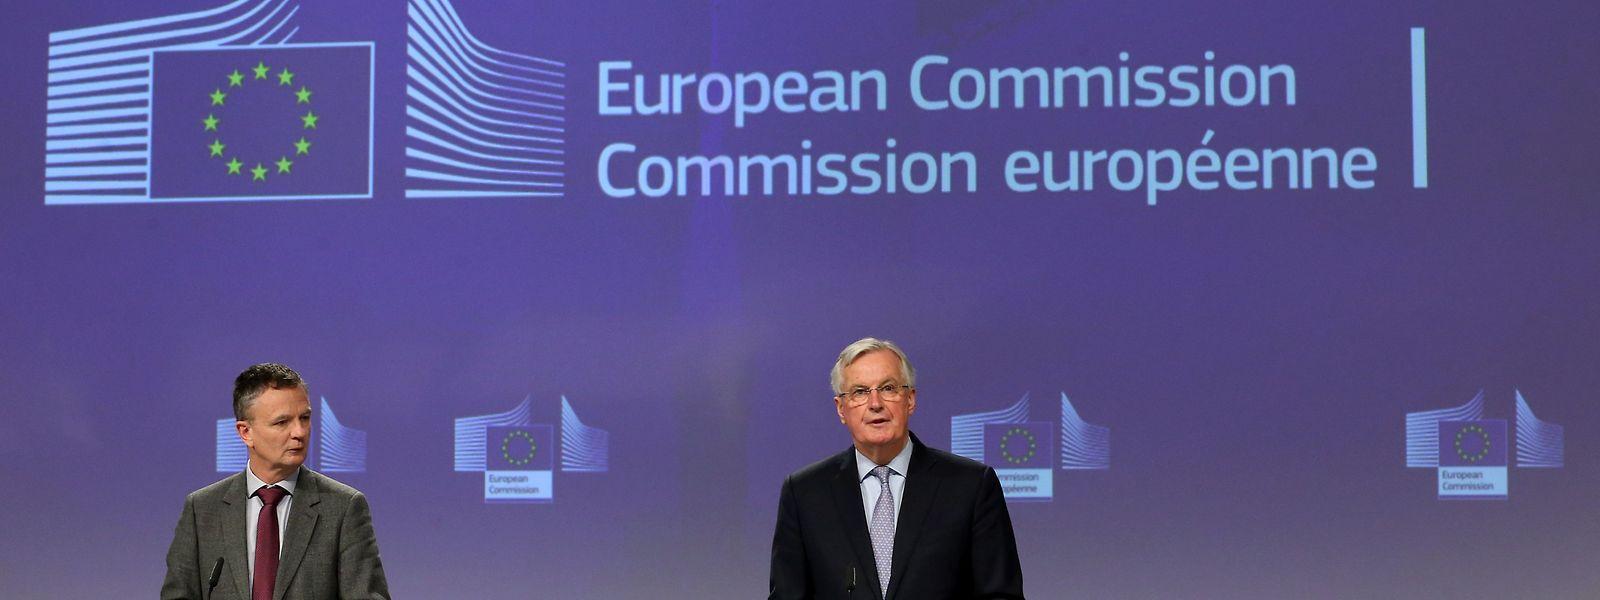 Comme Michel Barnier le redoutait, les négociations avec le Royaume-Uni s'annoncent longues et difficiles.